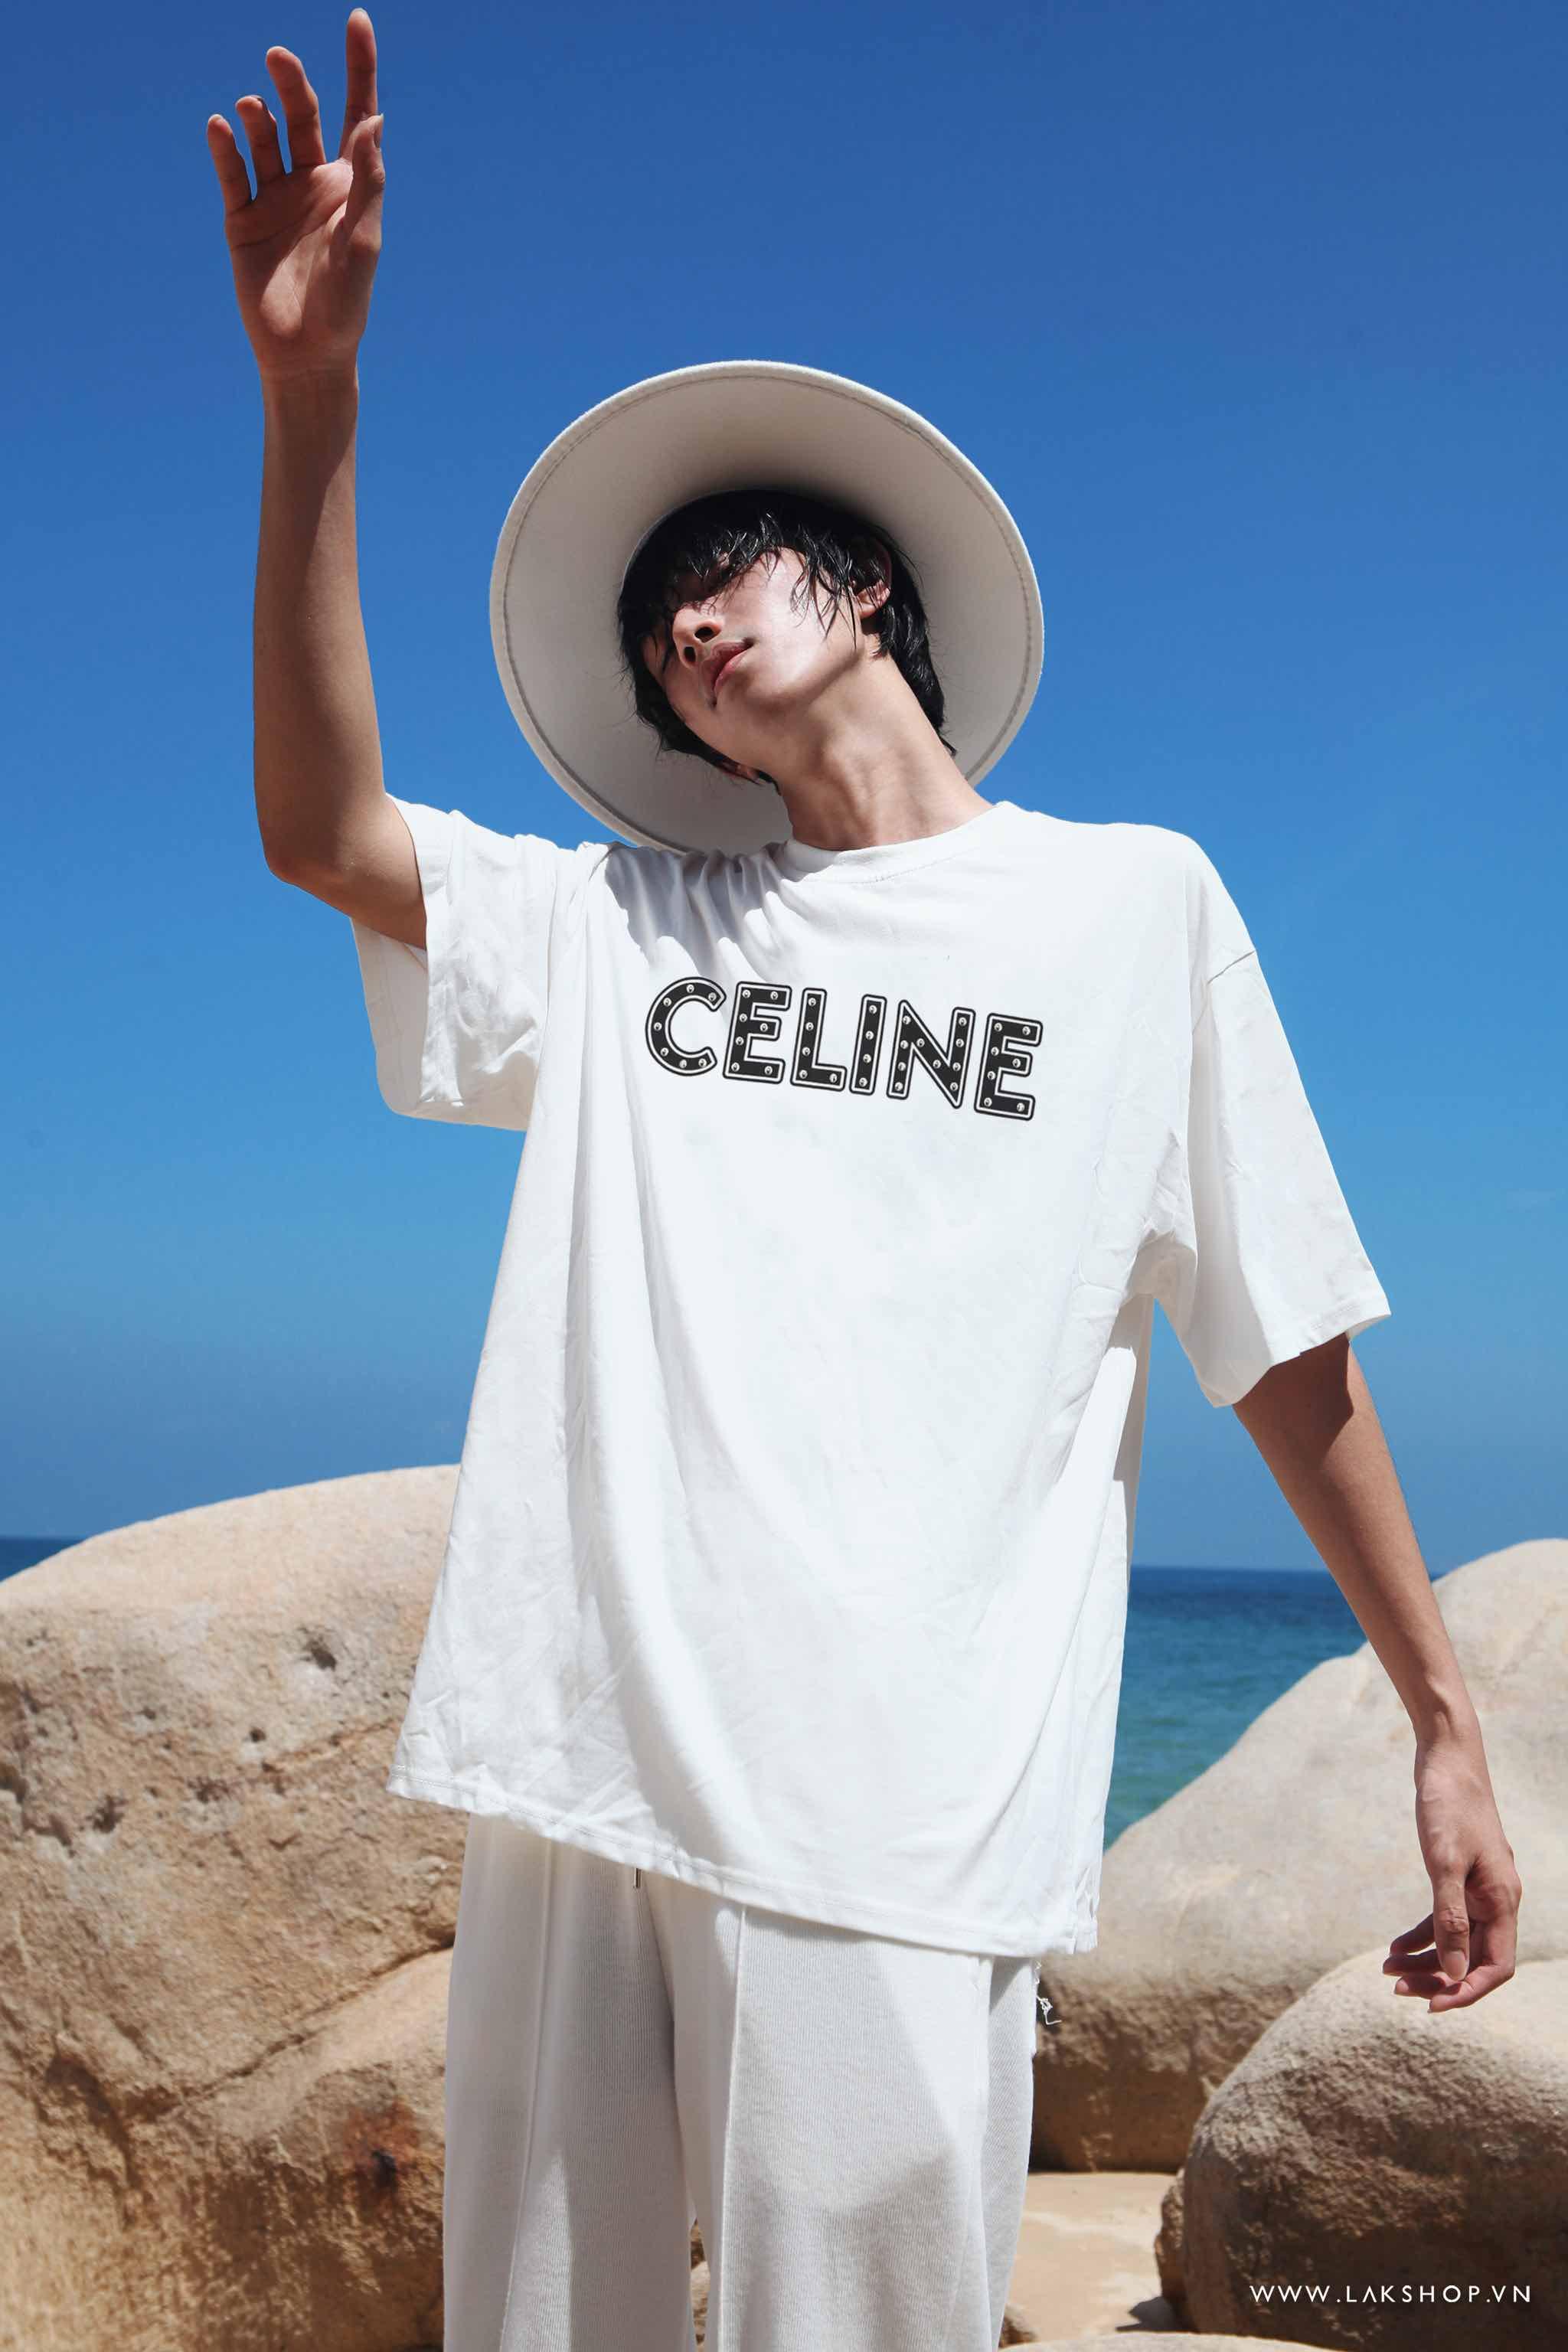 Celine Stud Logo White T-shirt